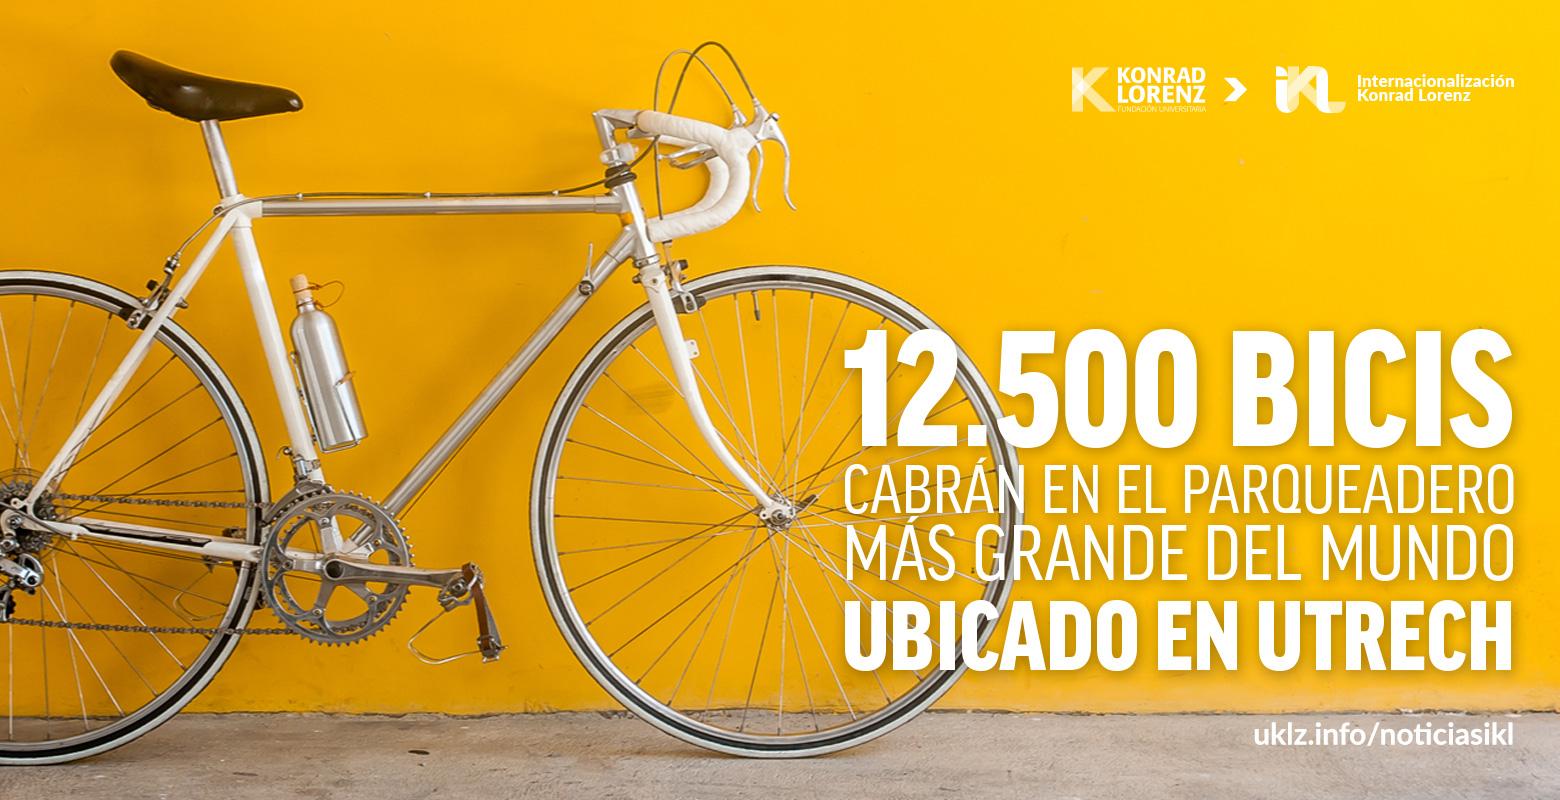 12.500 bicis cabrán en el parqueadero más grande del mundo ubicado en Utrech